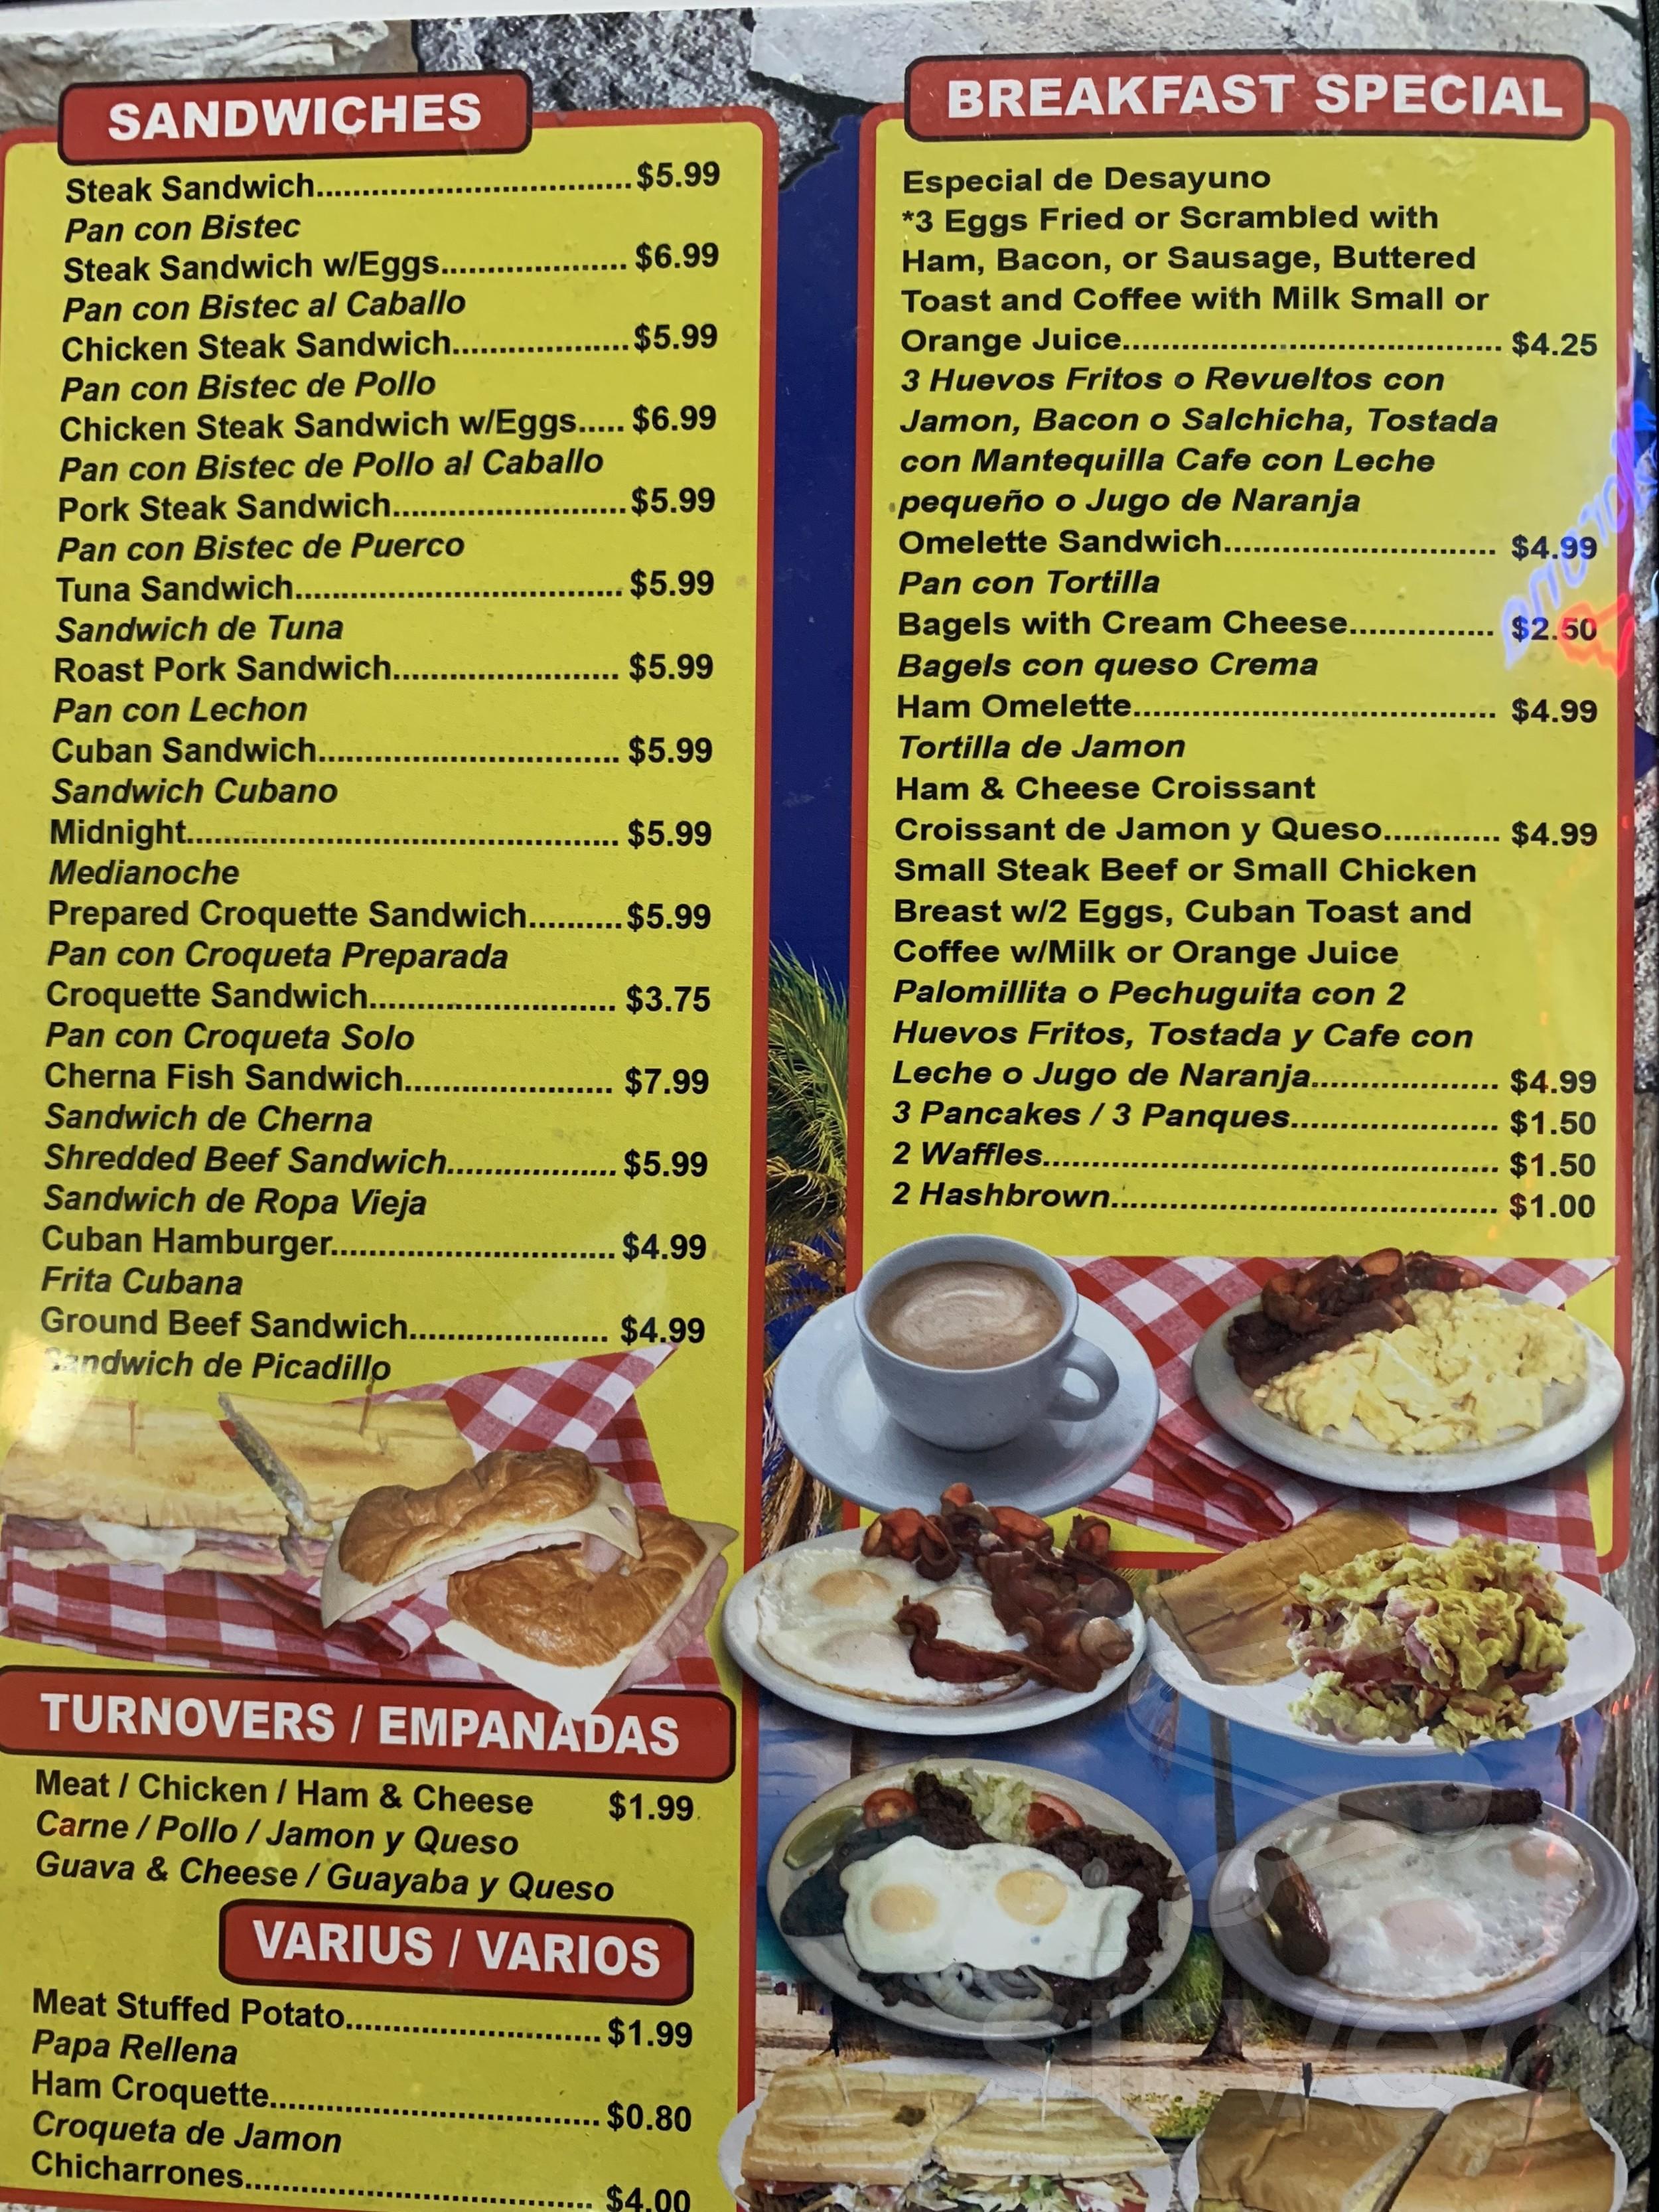 Menu For La Roca Cuban Restaurant In Cape Coral Florida